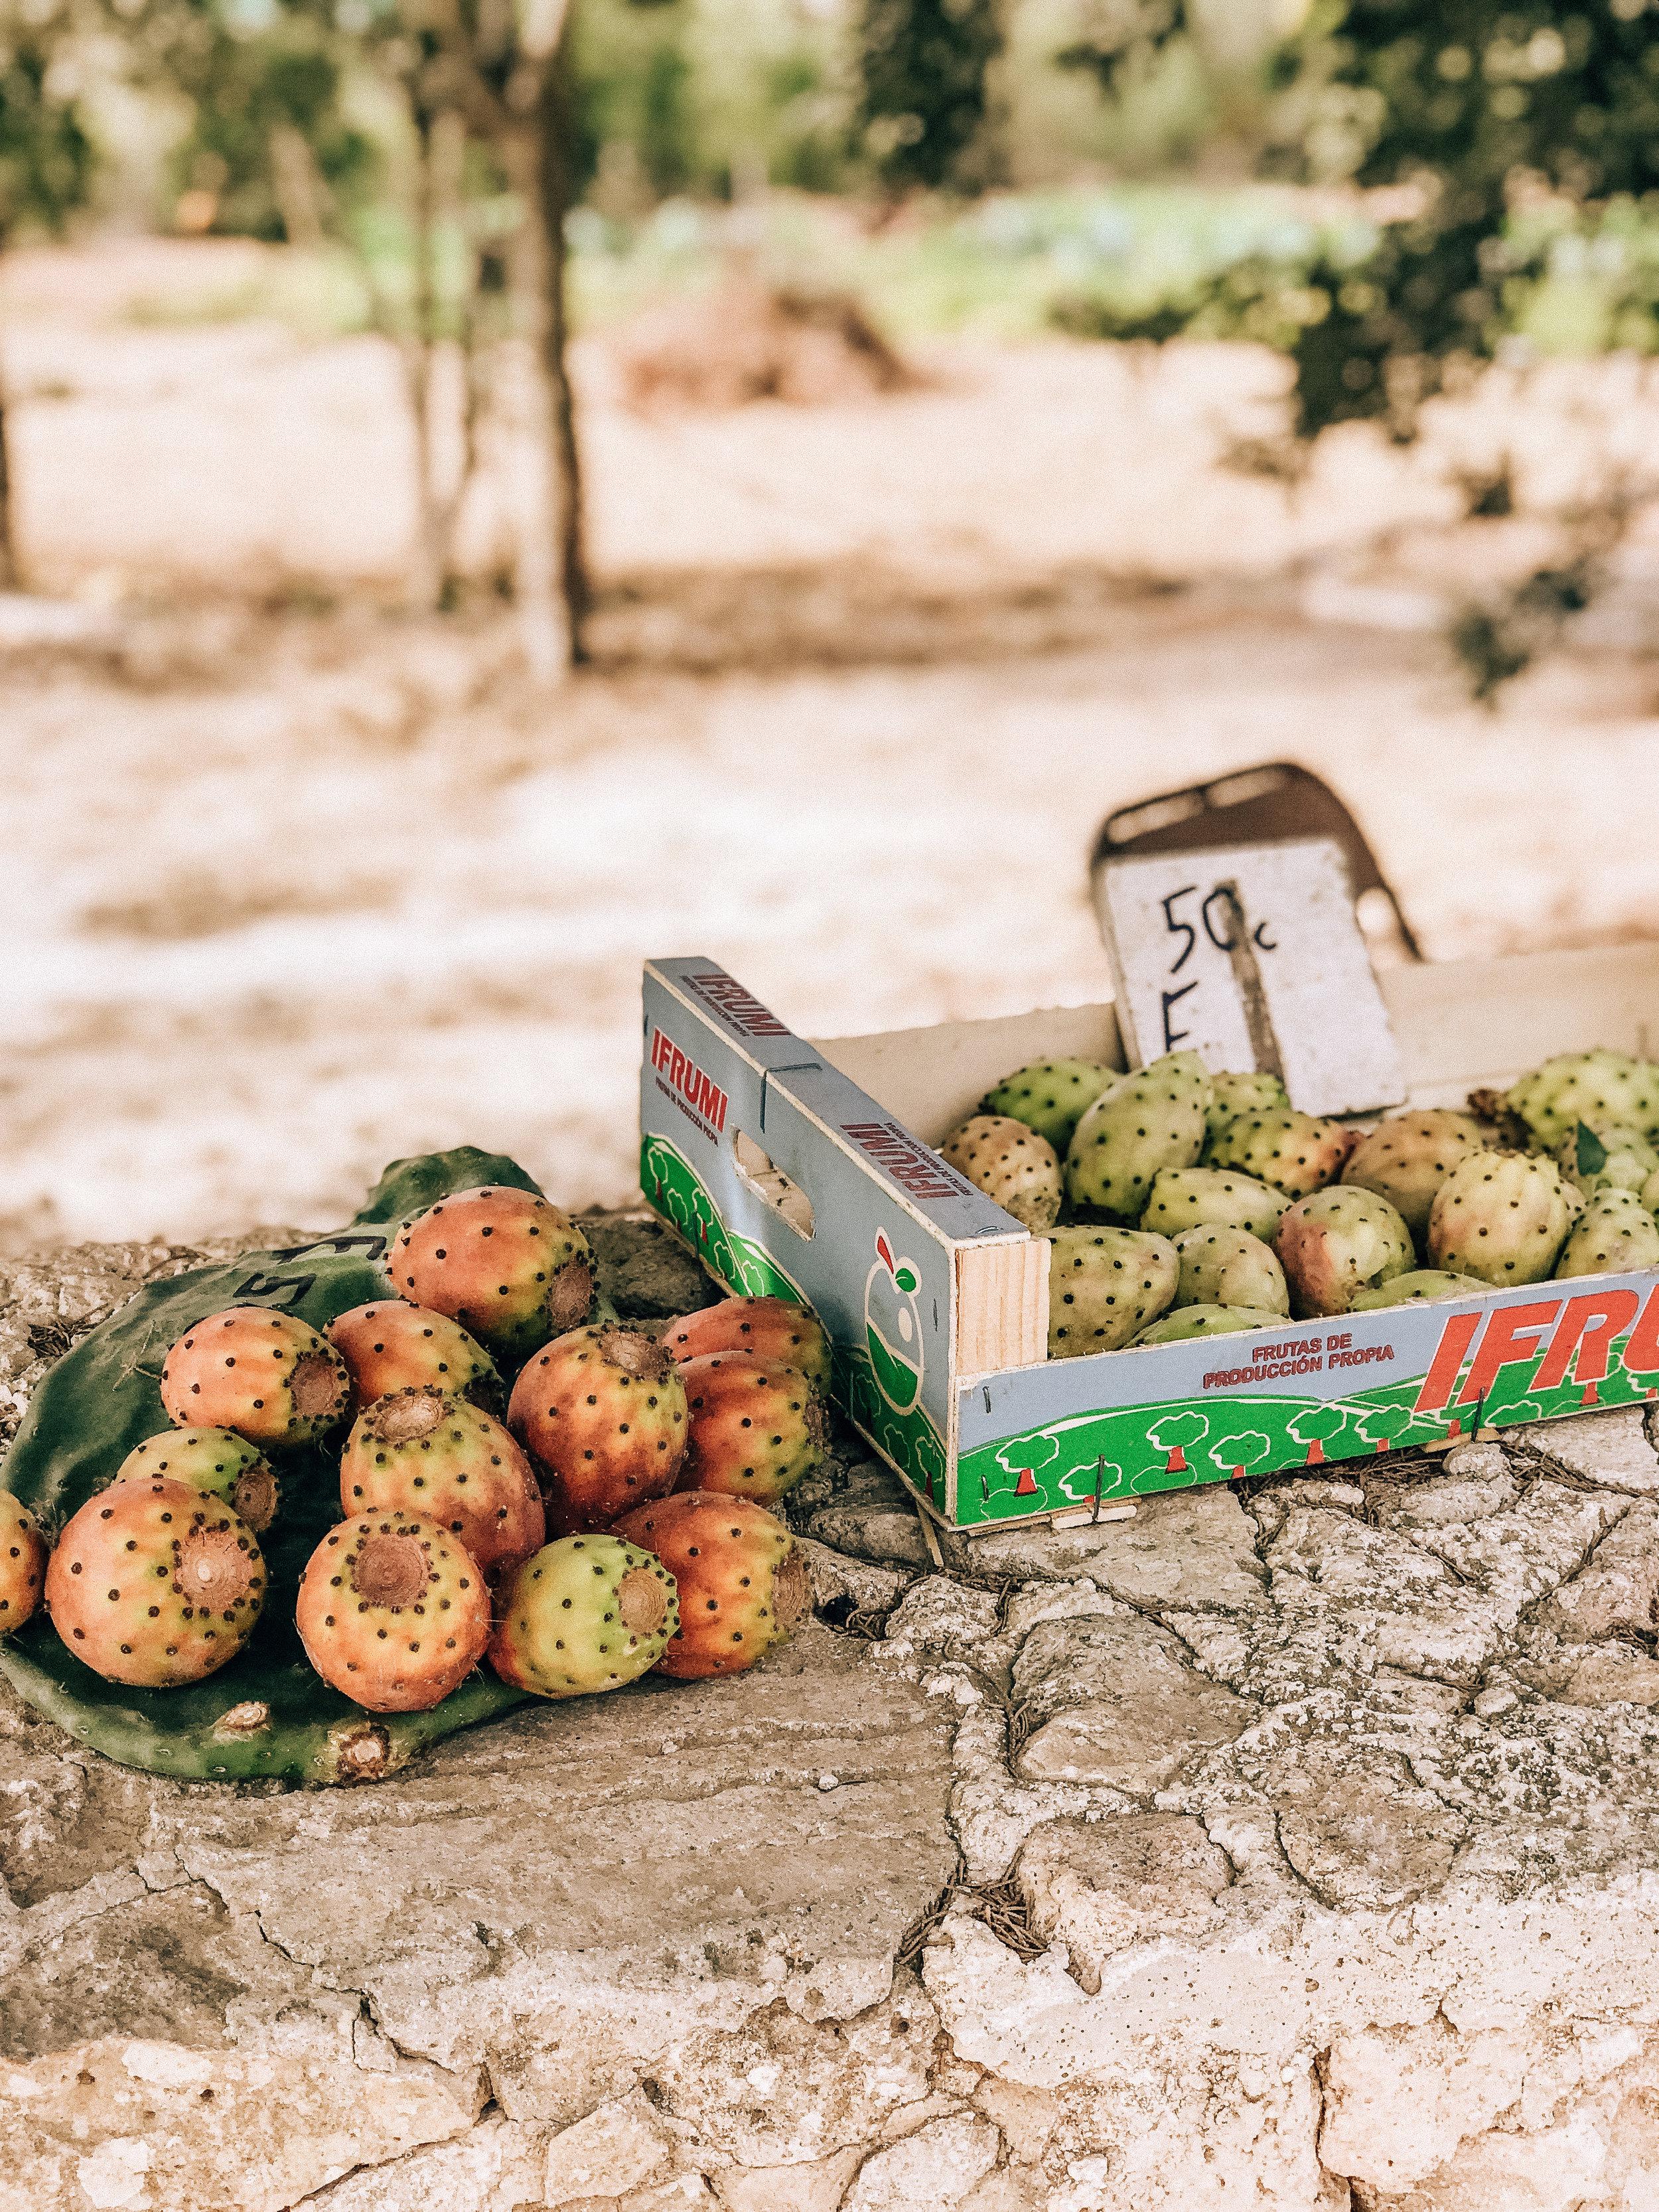 malta prickly pear